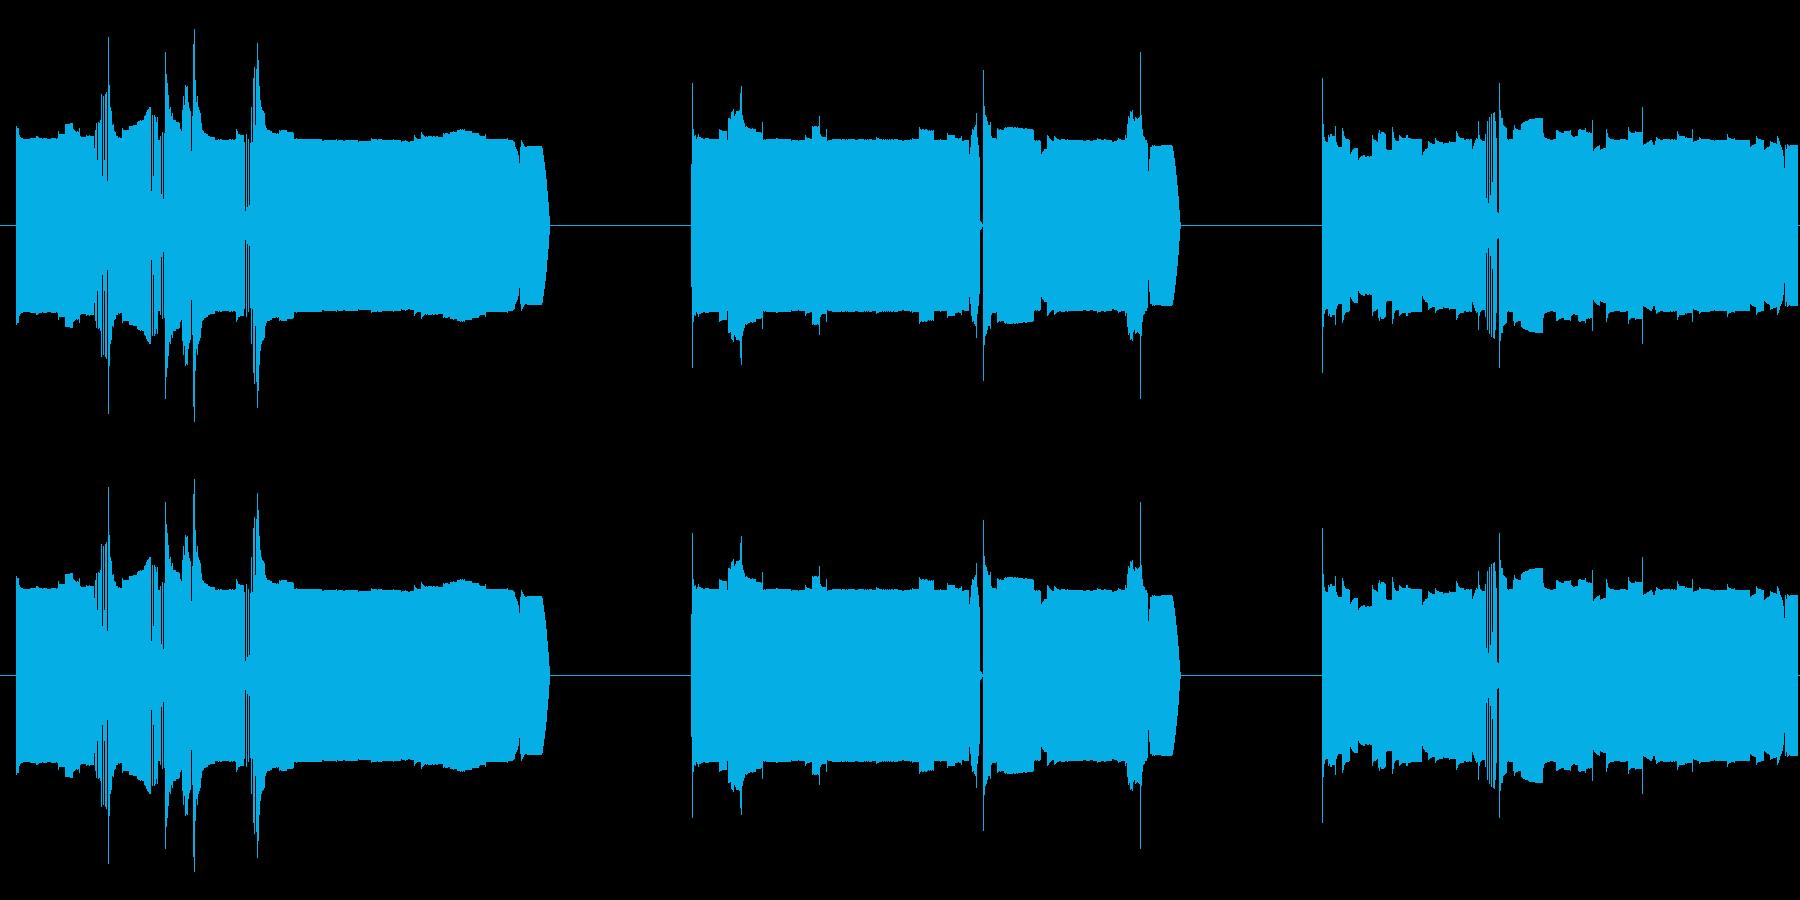 機械 カオスサインディストーション01の再生済みの波形